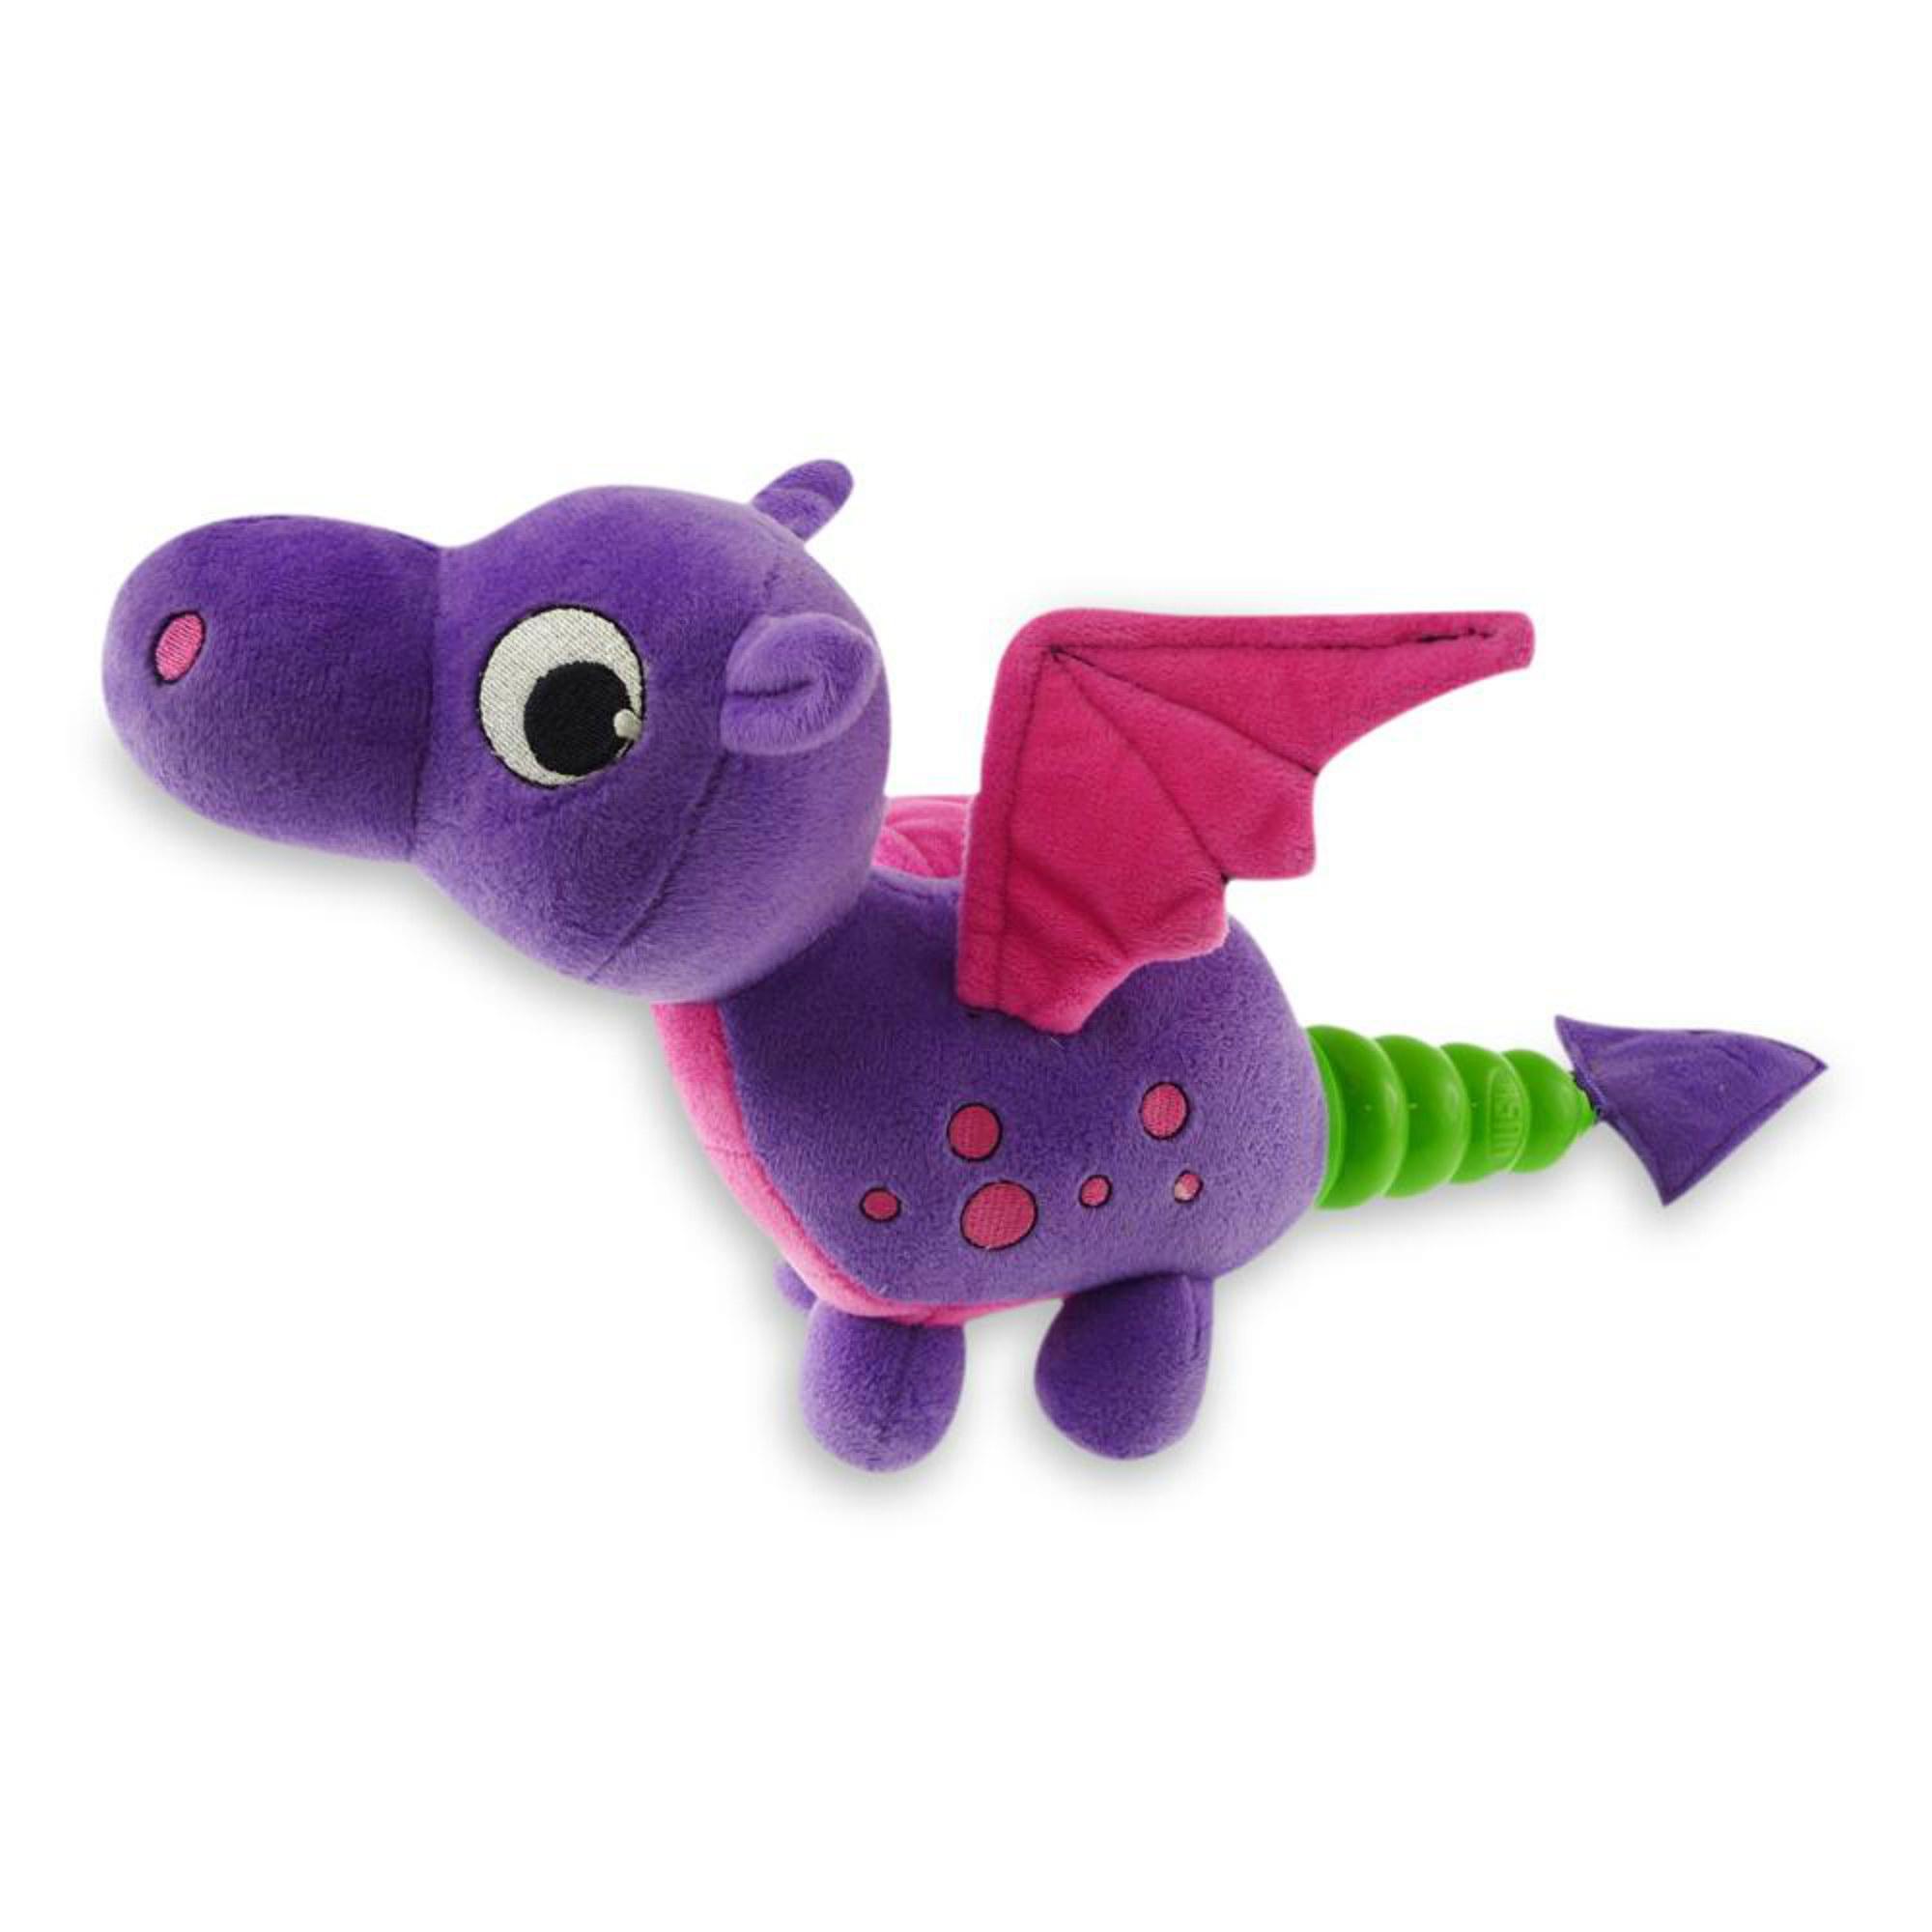 Hush Plush Dog Toy - Dragon